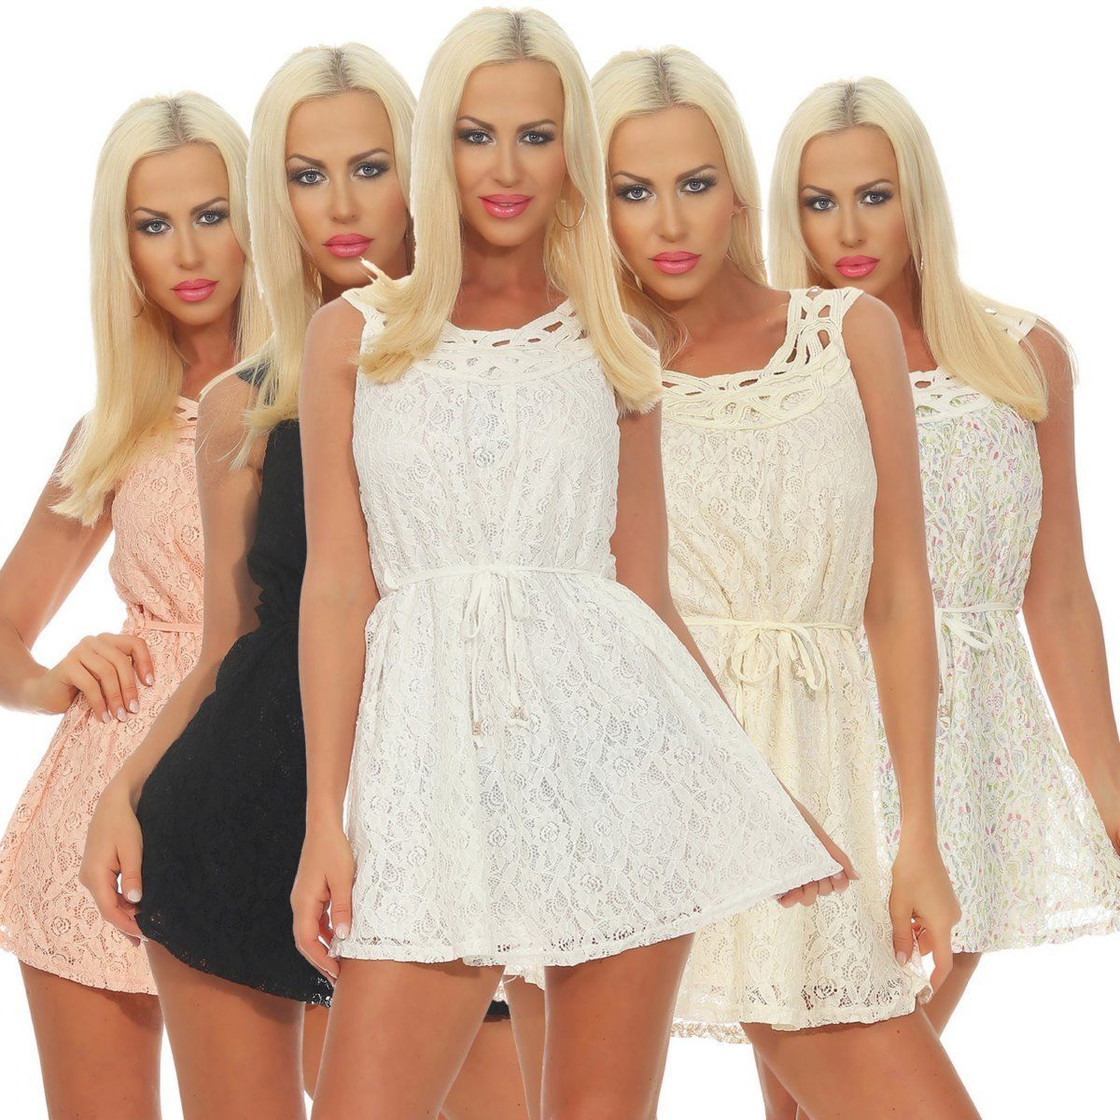 13 Schön Edle Damen Kleider Vertrieb13 Top Edle Damen Kleider Bester Preis